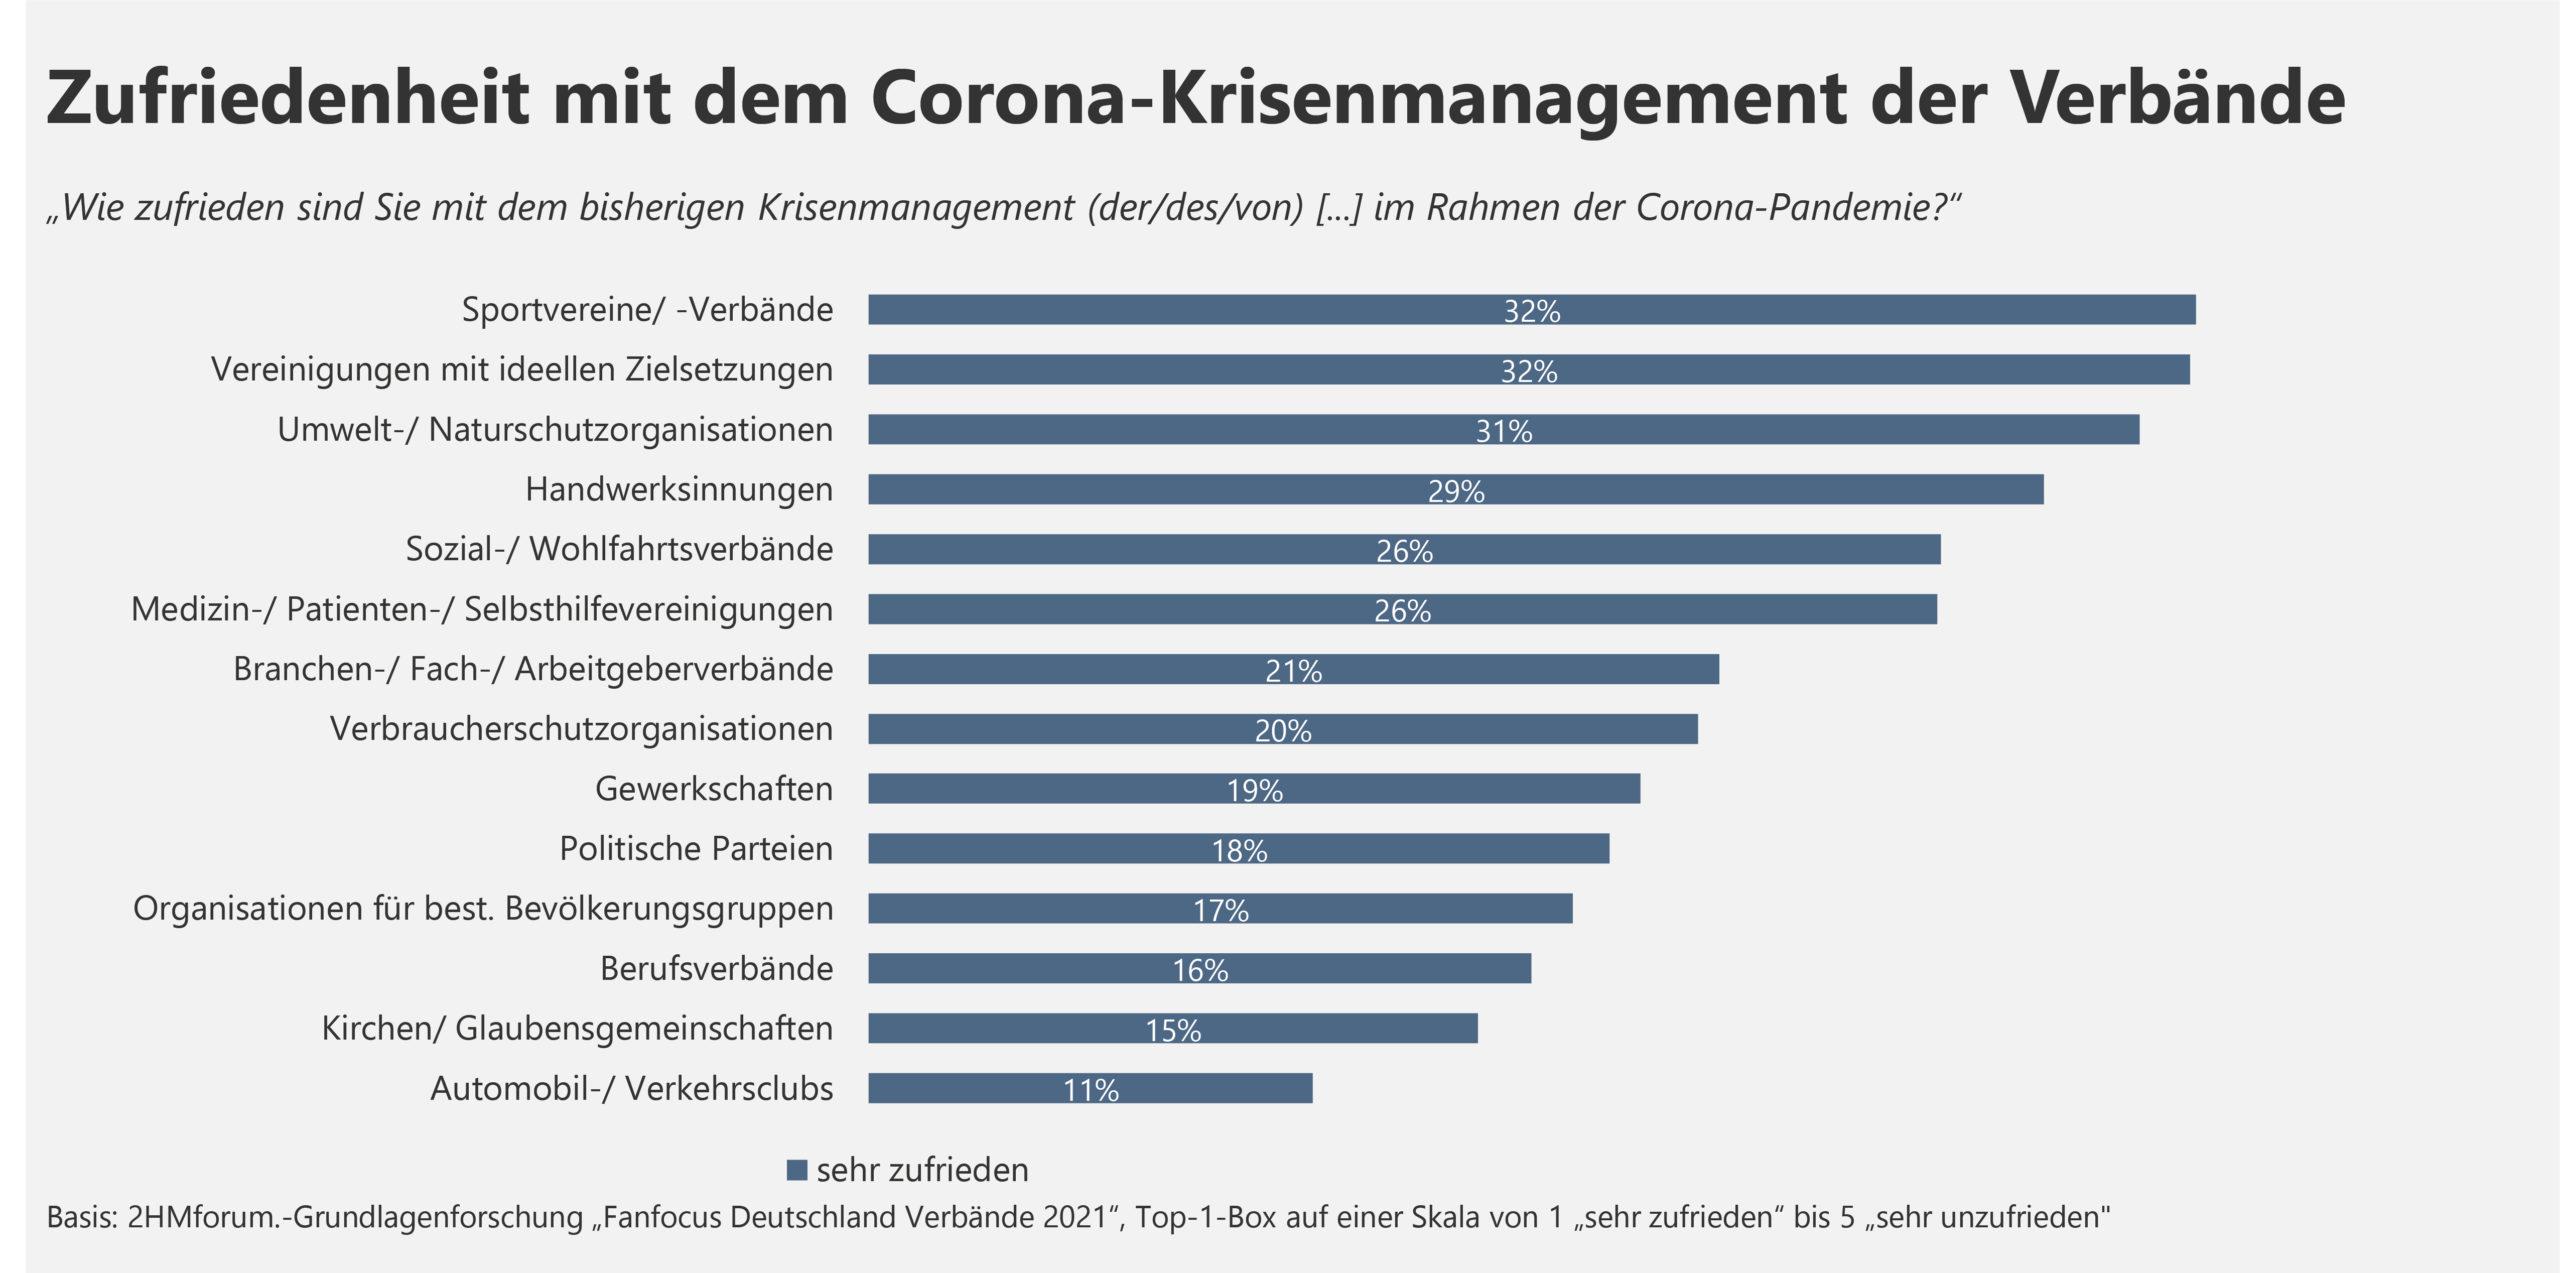 Zufriedenheit mit dem Corona-Krisenmanagement der Verbände